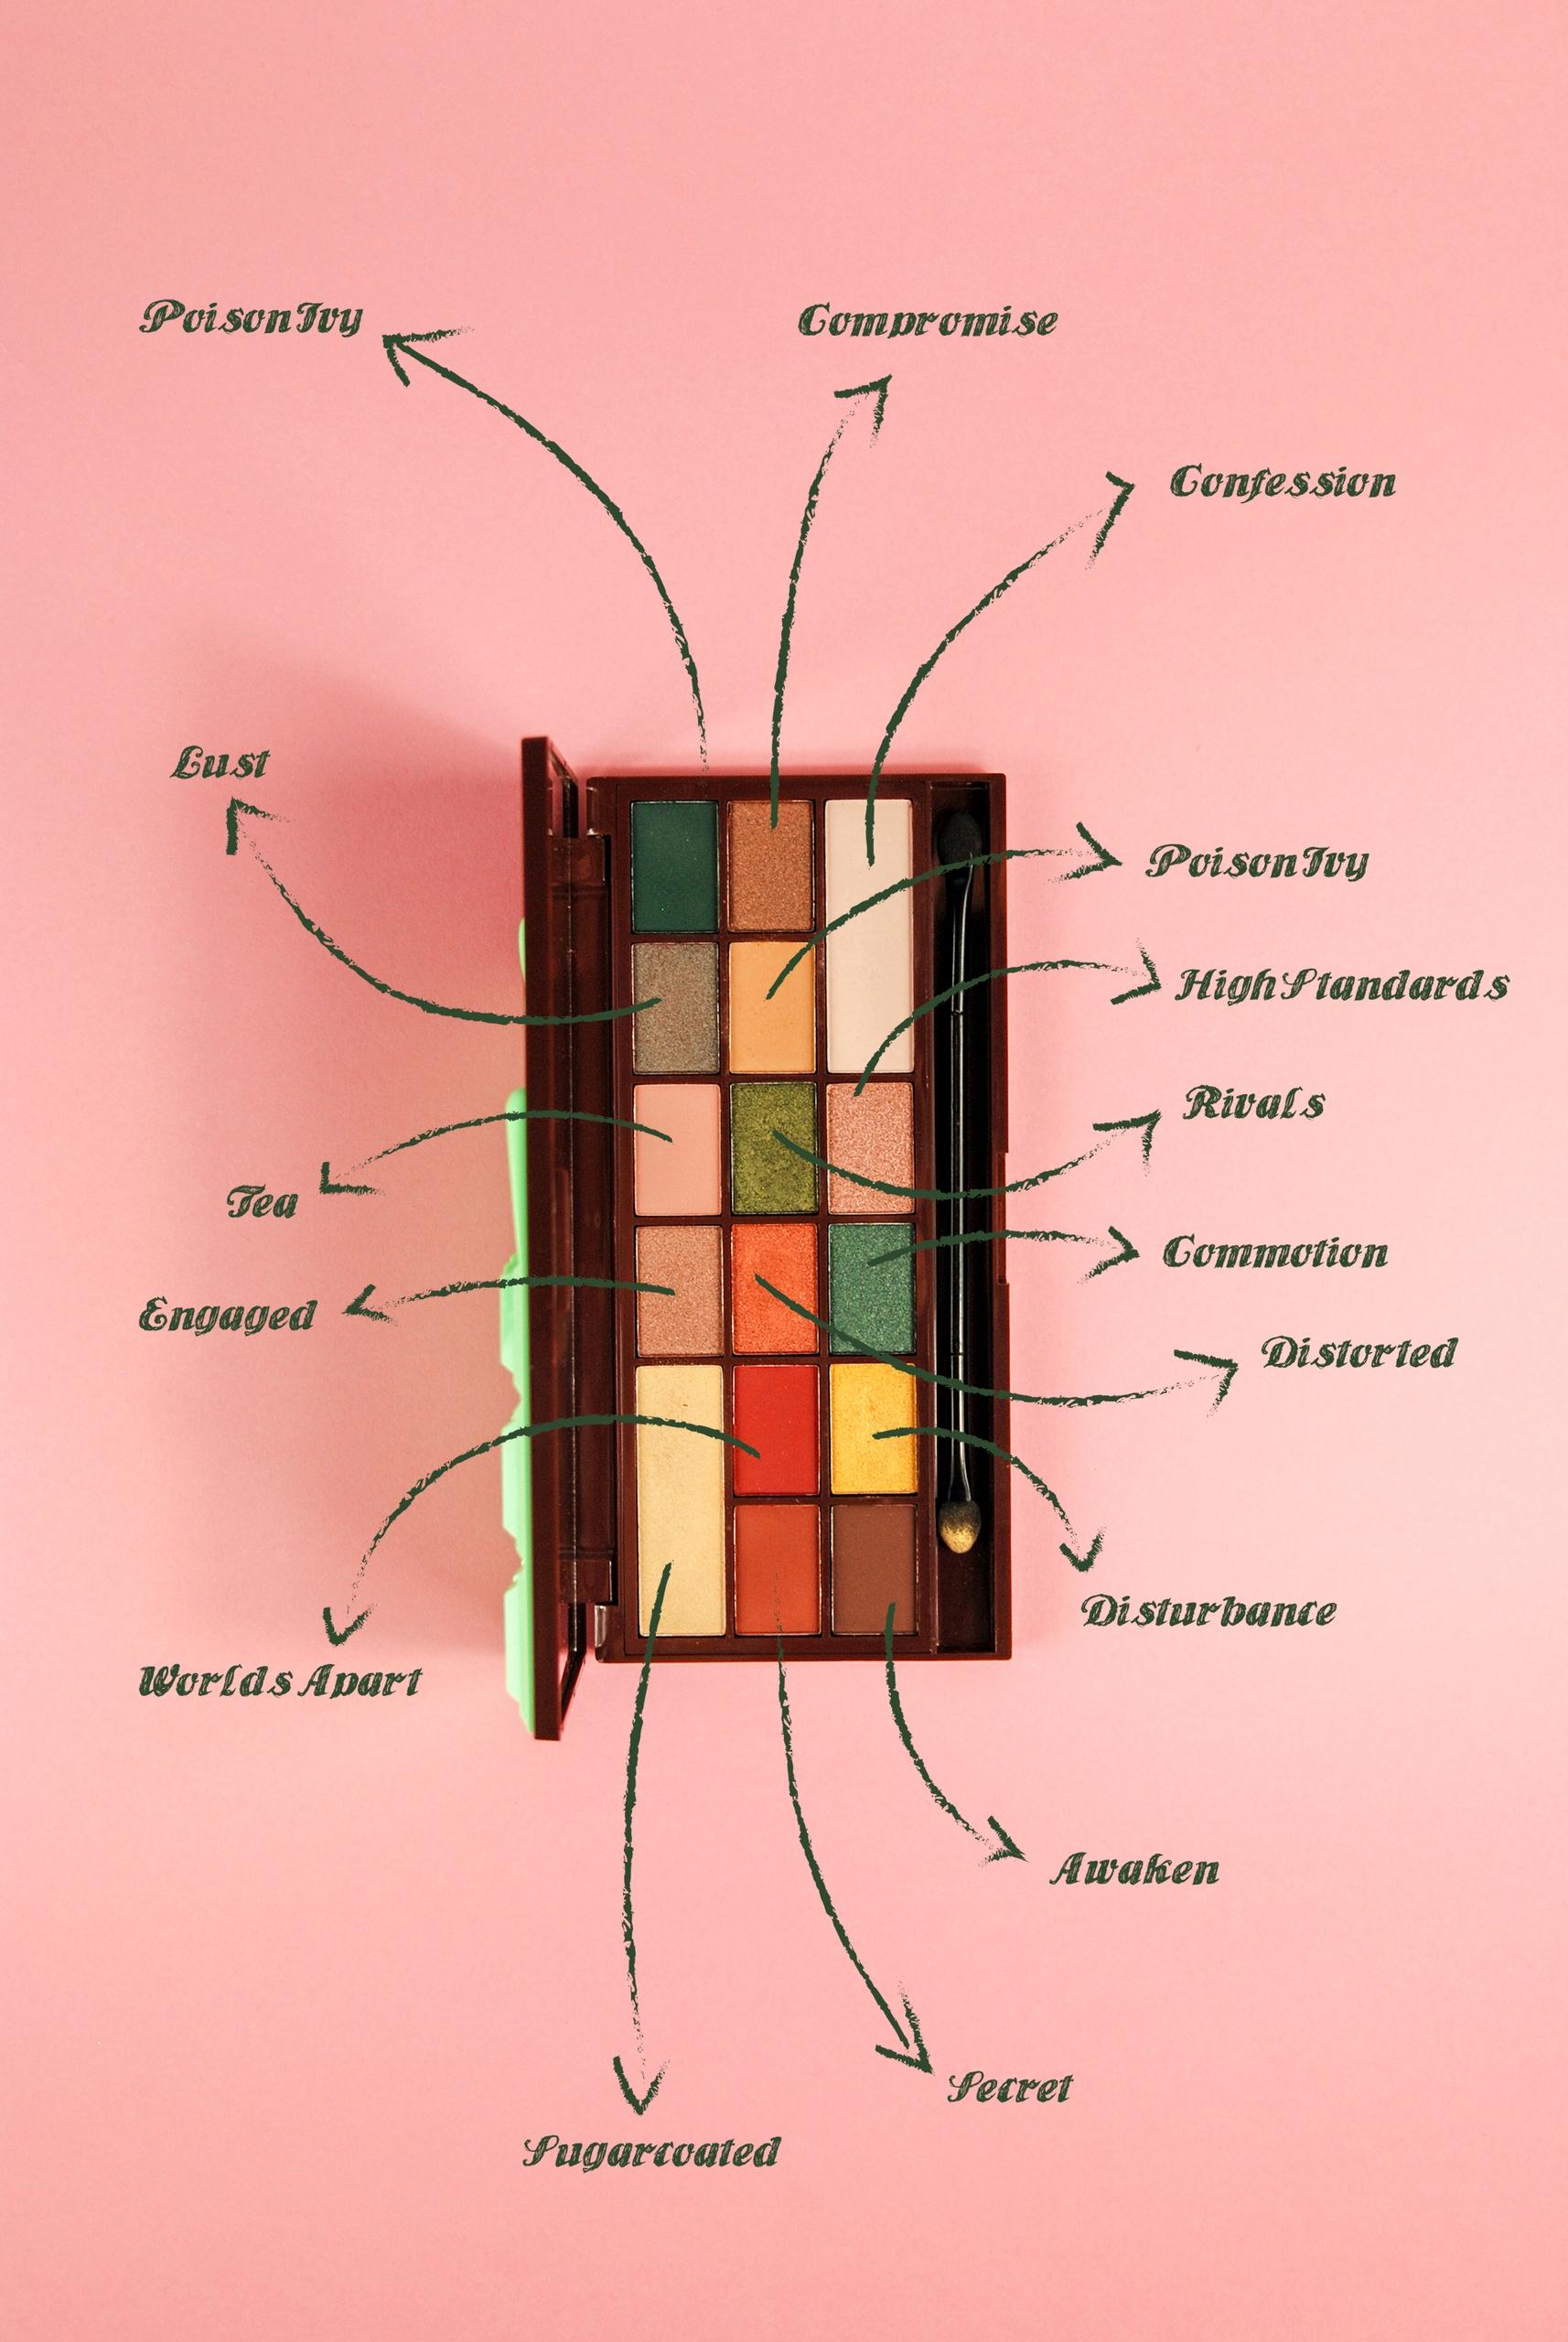 Zdjęcie przedstawia paletkę z cieniami do makijażu oczu. Całość na różowym tle ujęta z perspektywy lotu ptaka. Dookoła znajdują się strzałki i napisy.